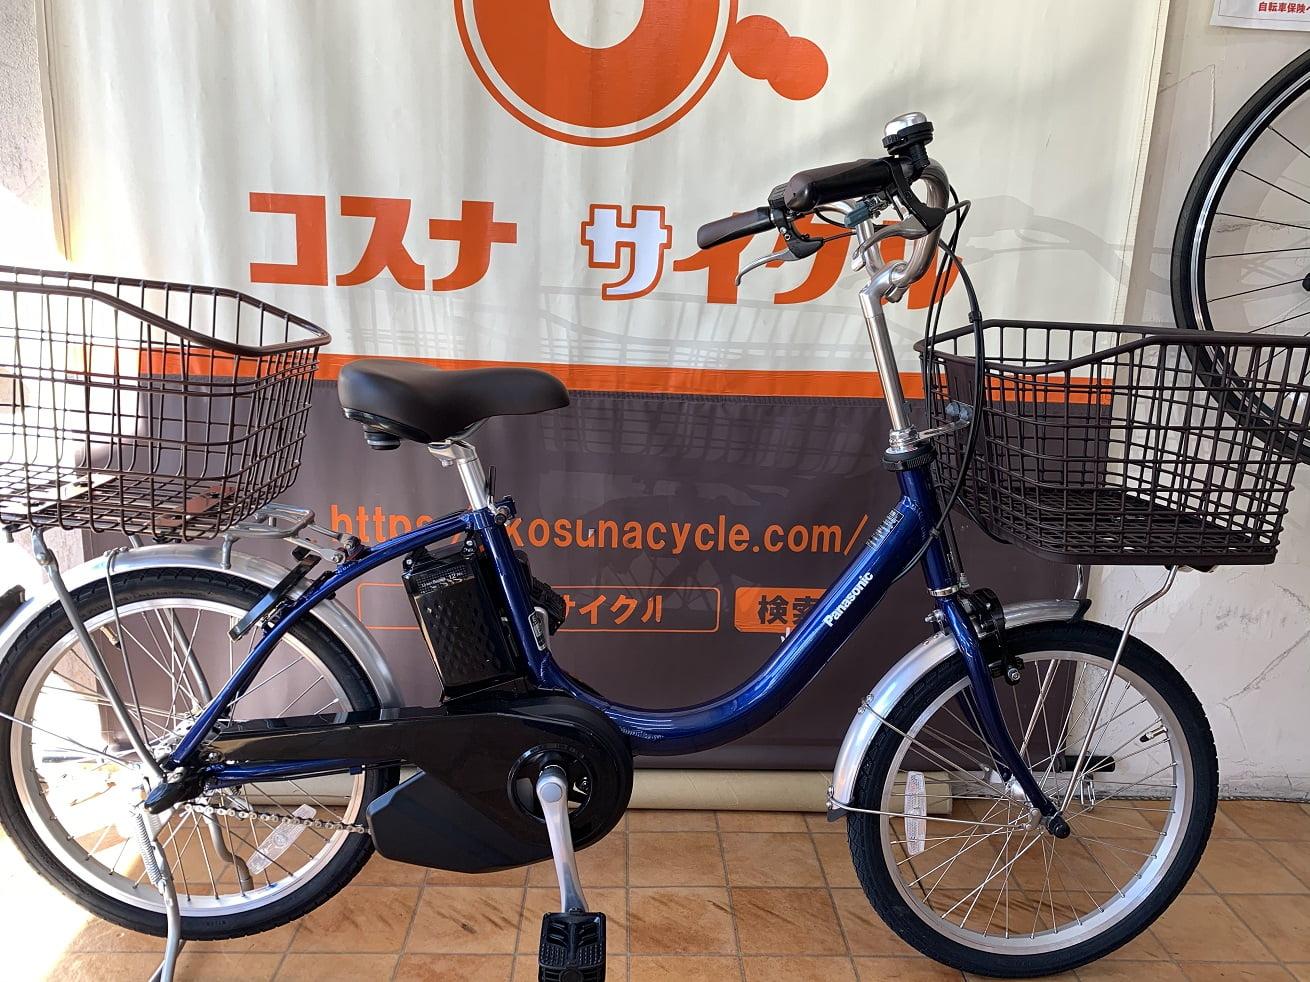 ビビL20電動アシスト自転車 ファインブルー リヤバスケット取付